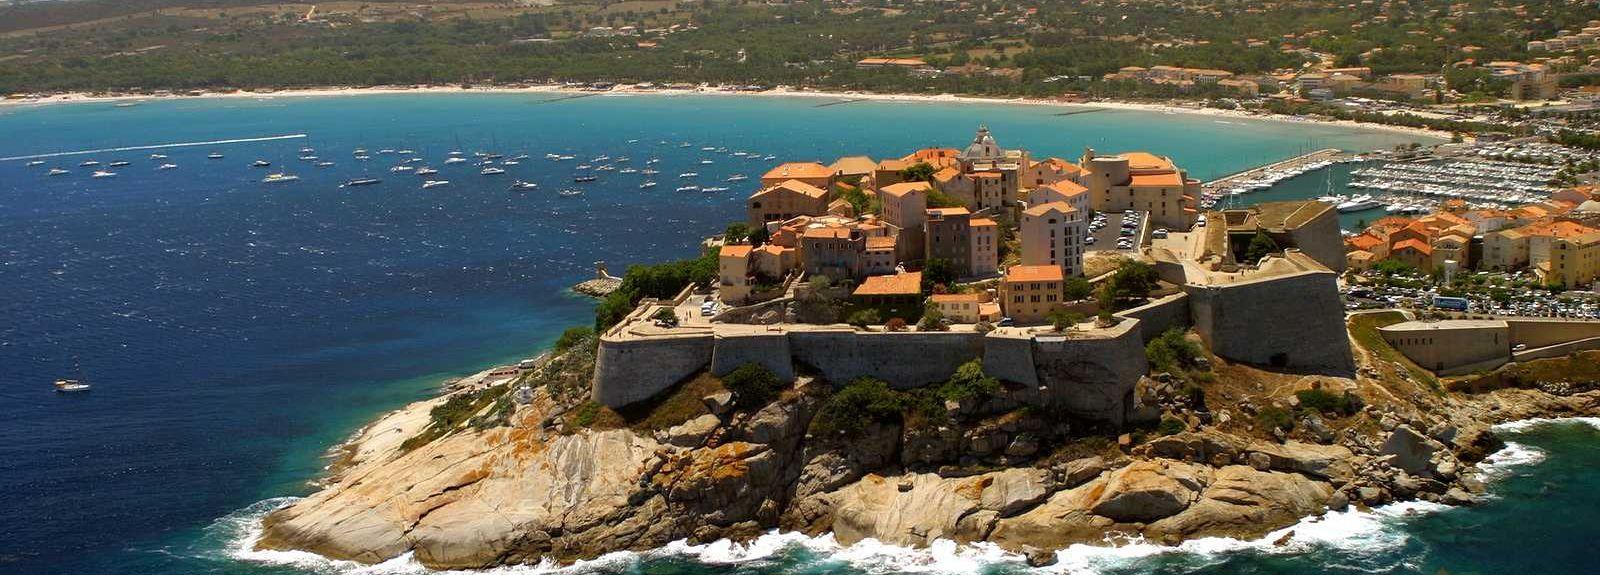 Marine de Saint Ambroggio, Lumio, Haute-Corse, France